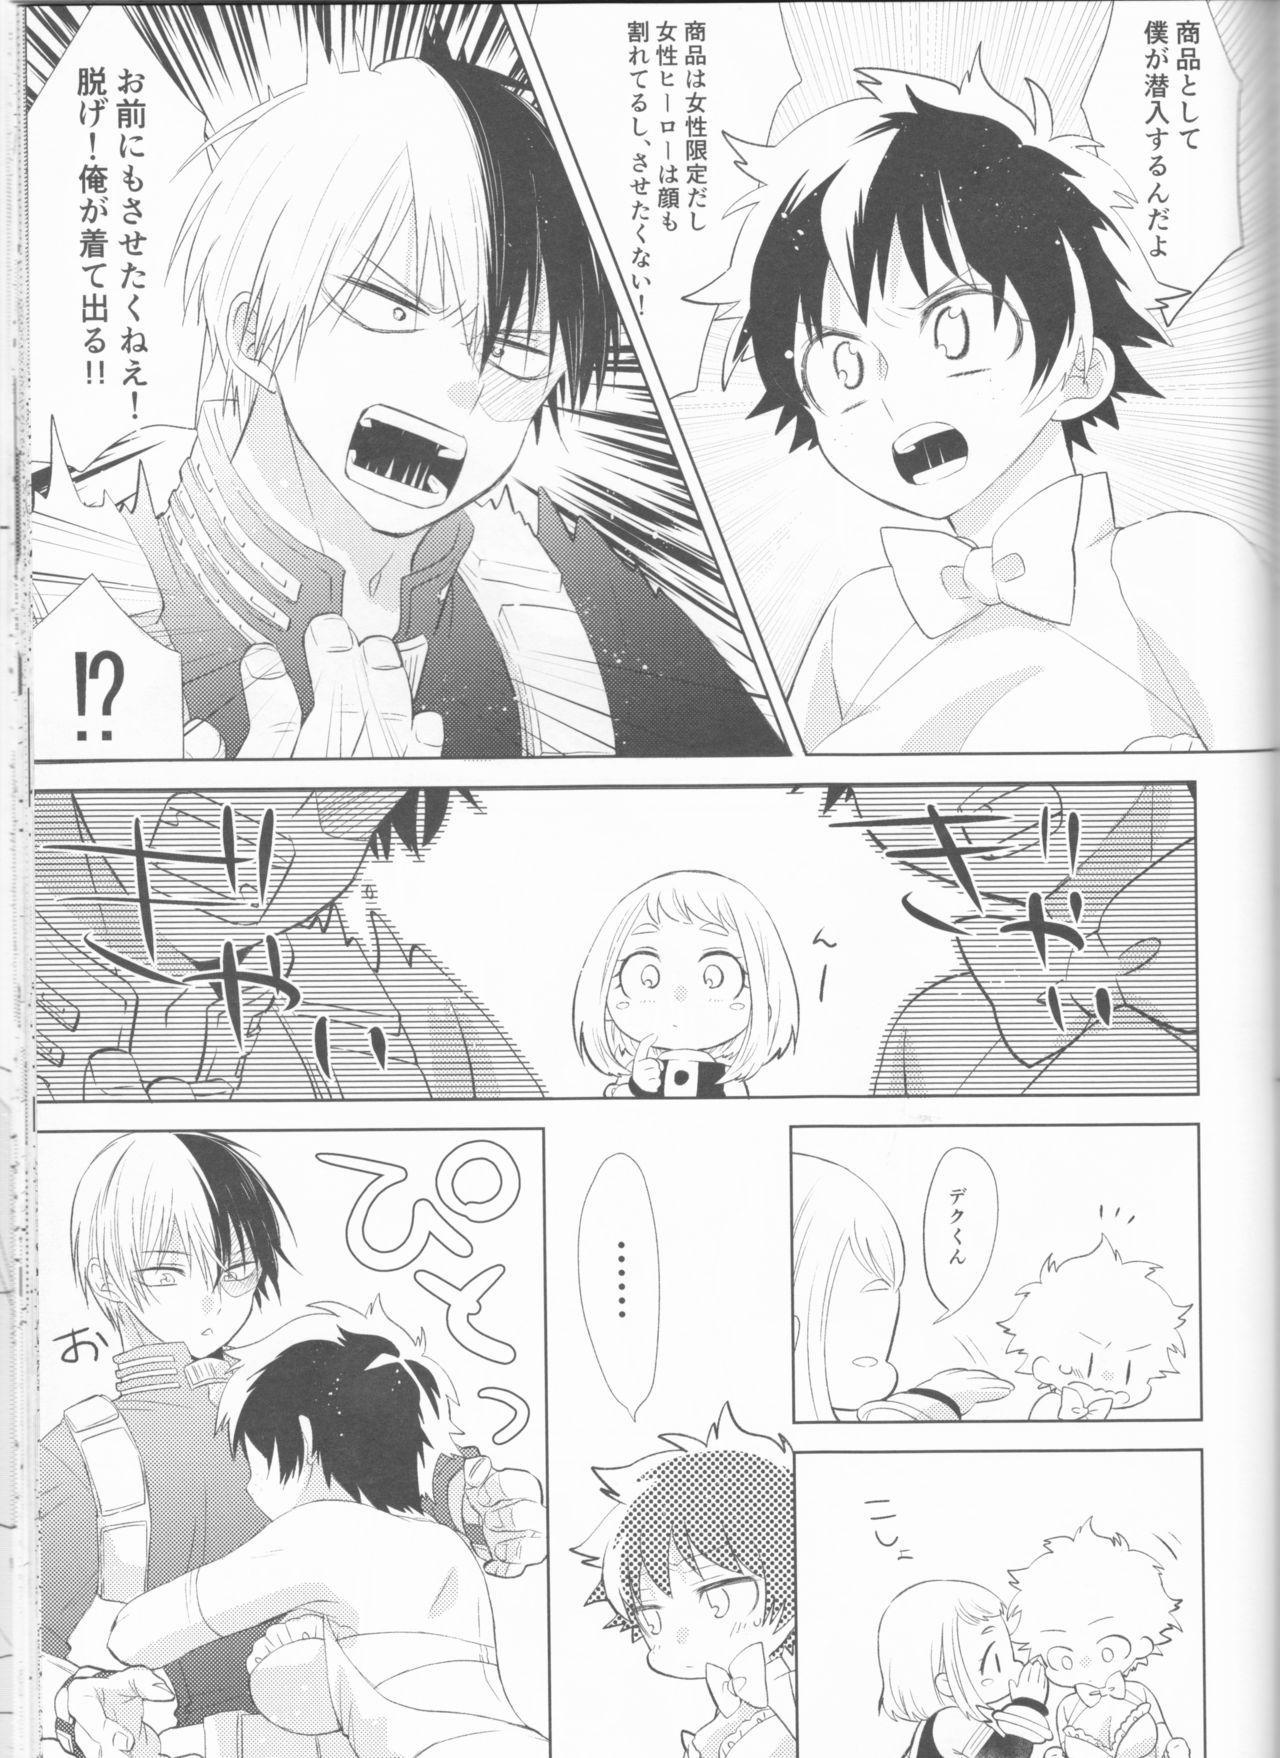 Sangatsu Usagi no Himegoto 7